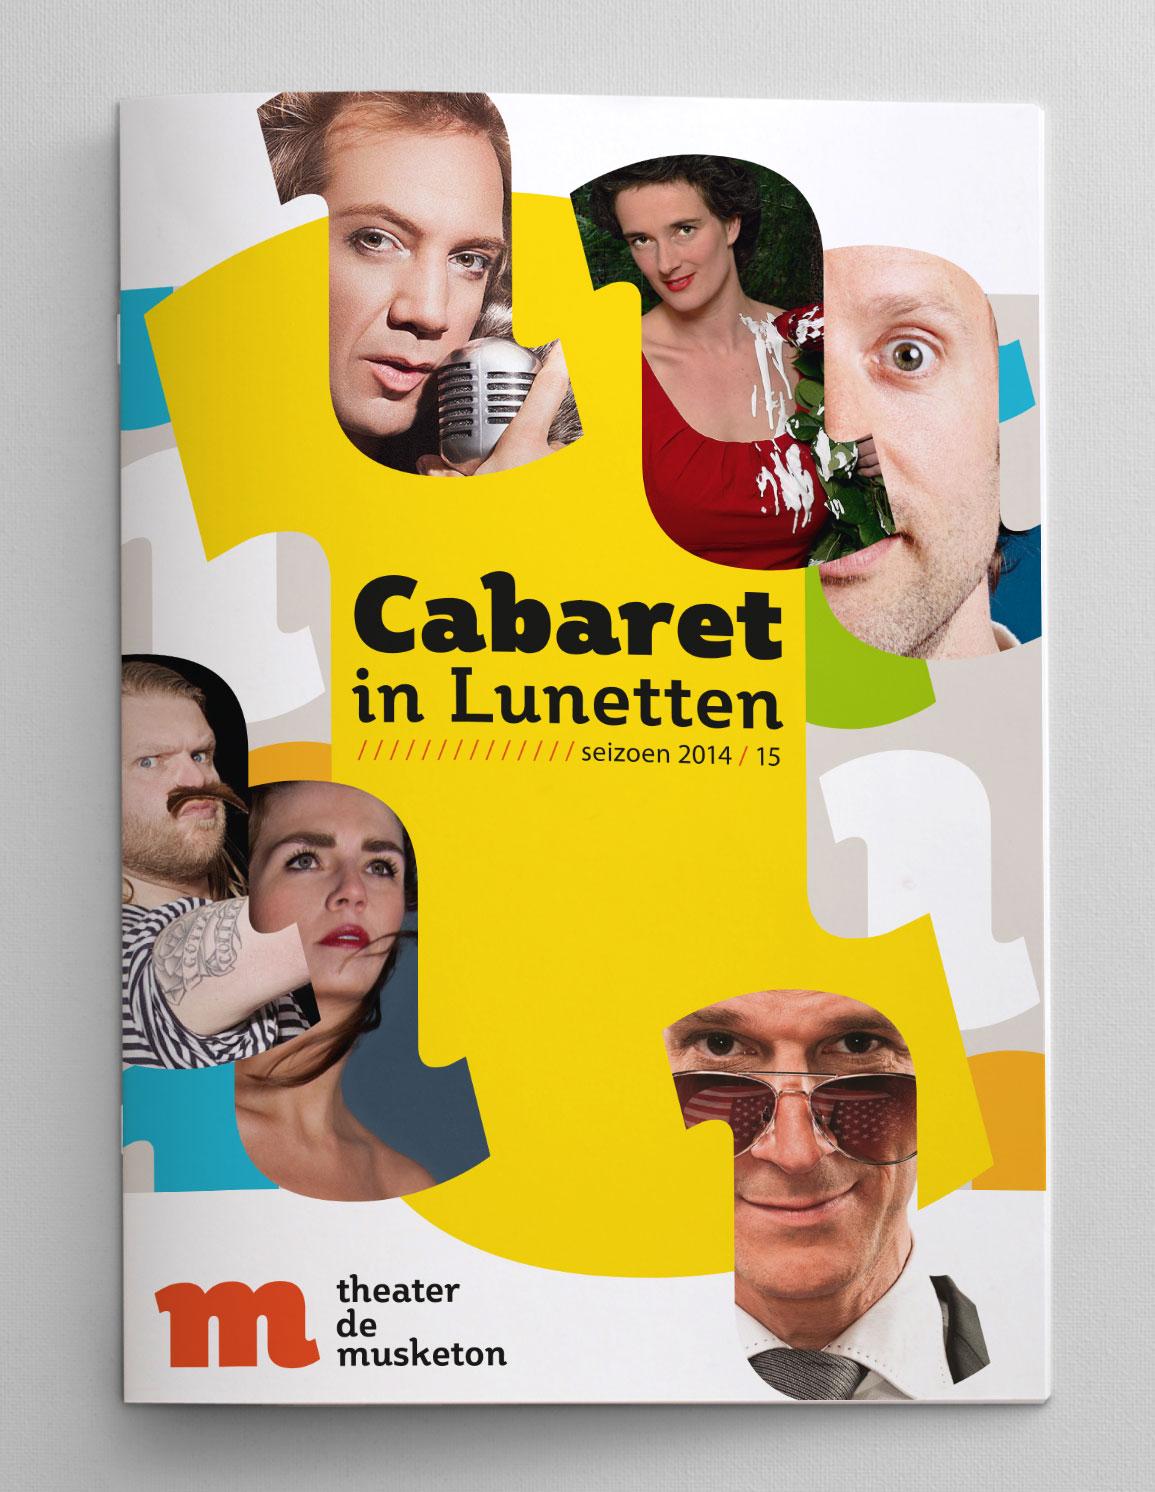 programma_theater_de_Musketon_2015